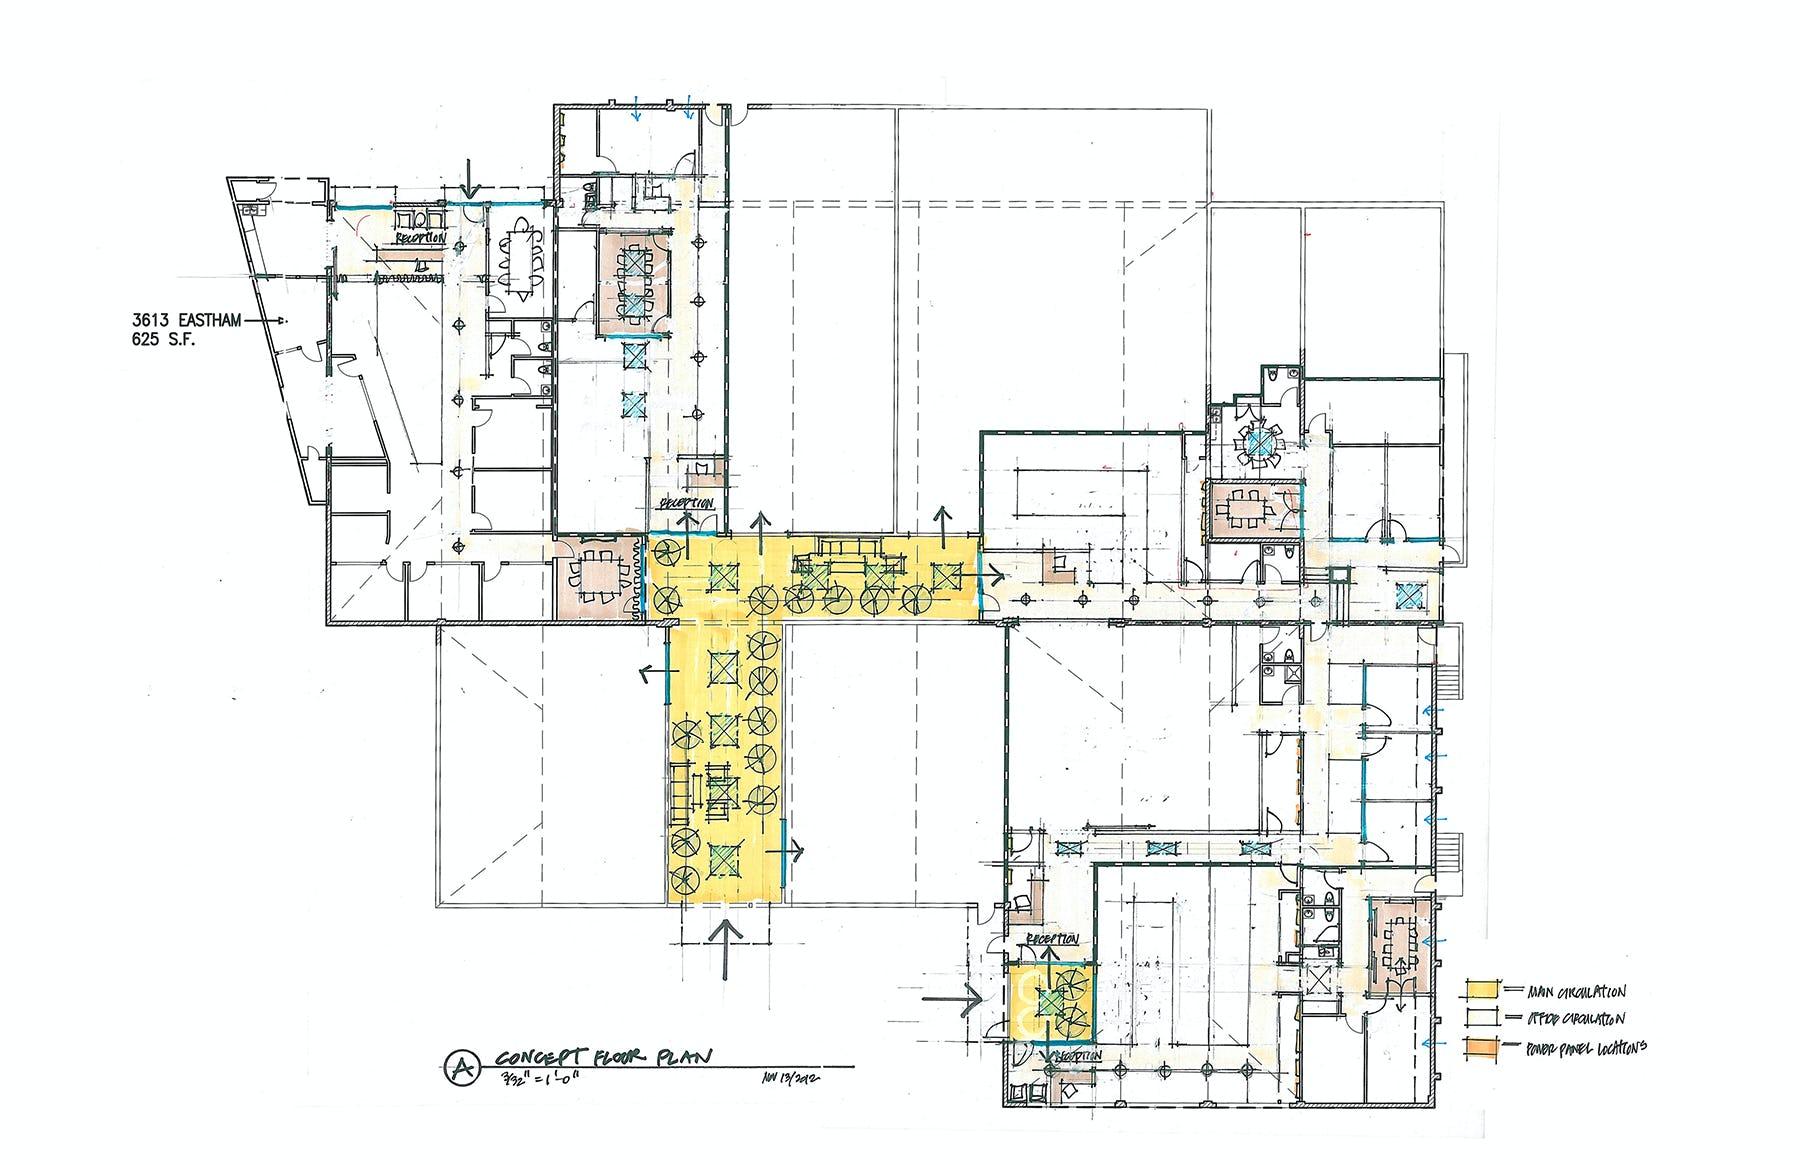 121113 concept floor plan